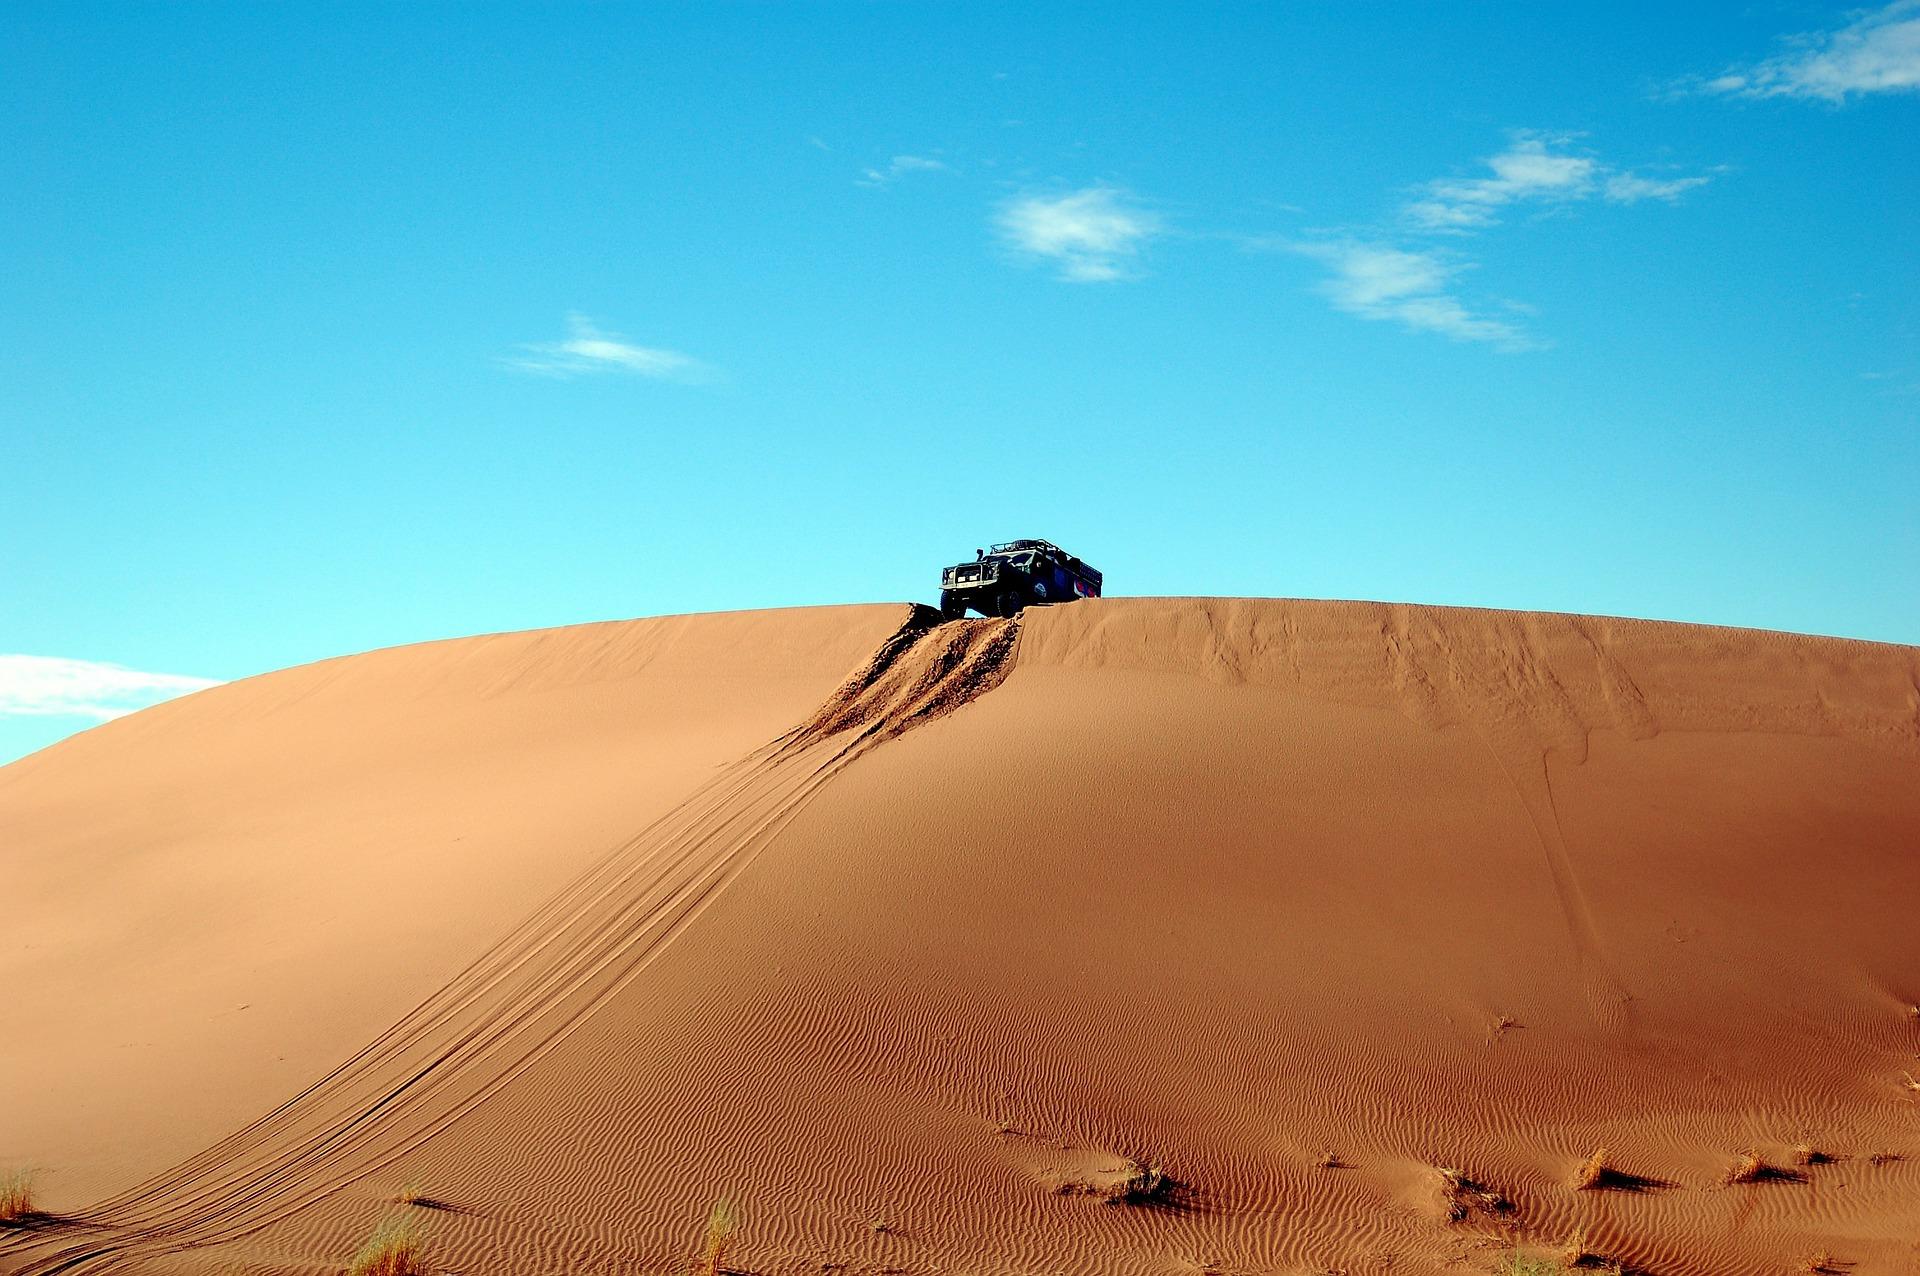 пустыня, Дюна, Автомобили, песок, Небо, риск, Синий - Обои HD - Профессор falken.com